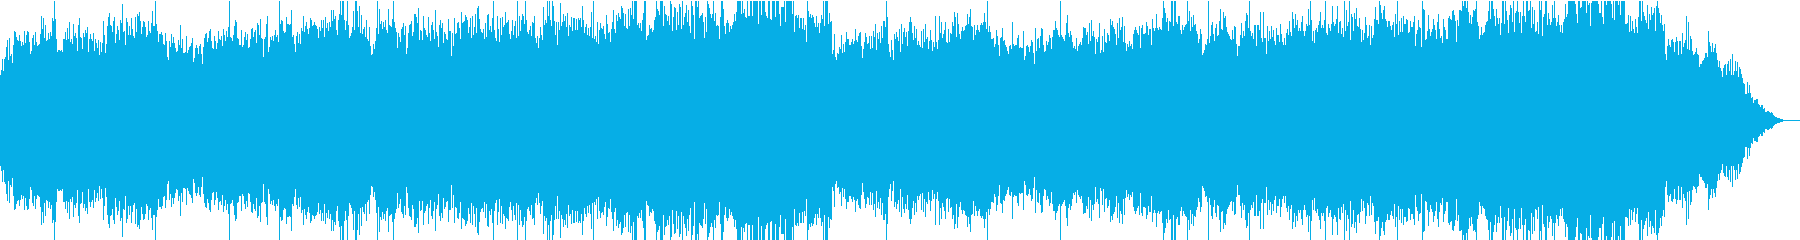 徐々に高まっていく緊張感のある曲調の再生済みの波形